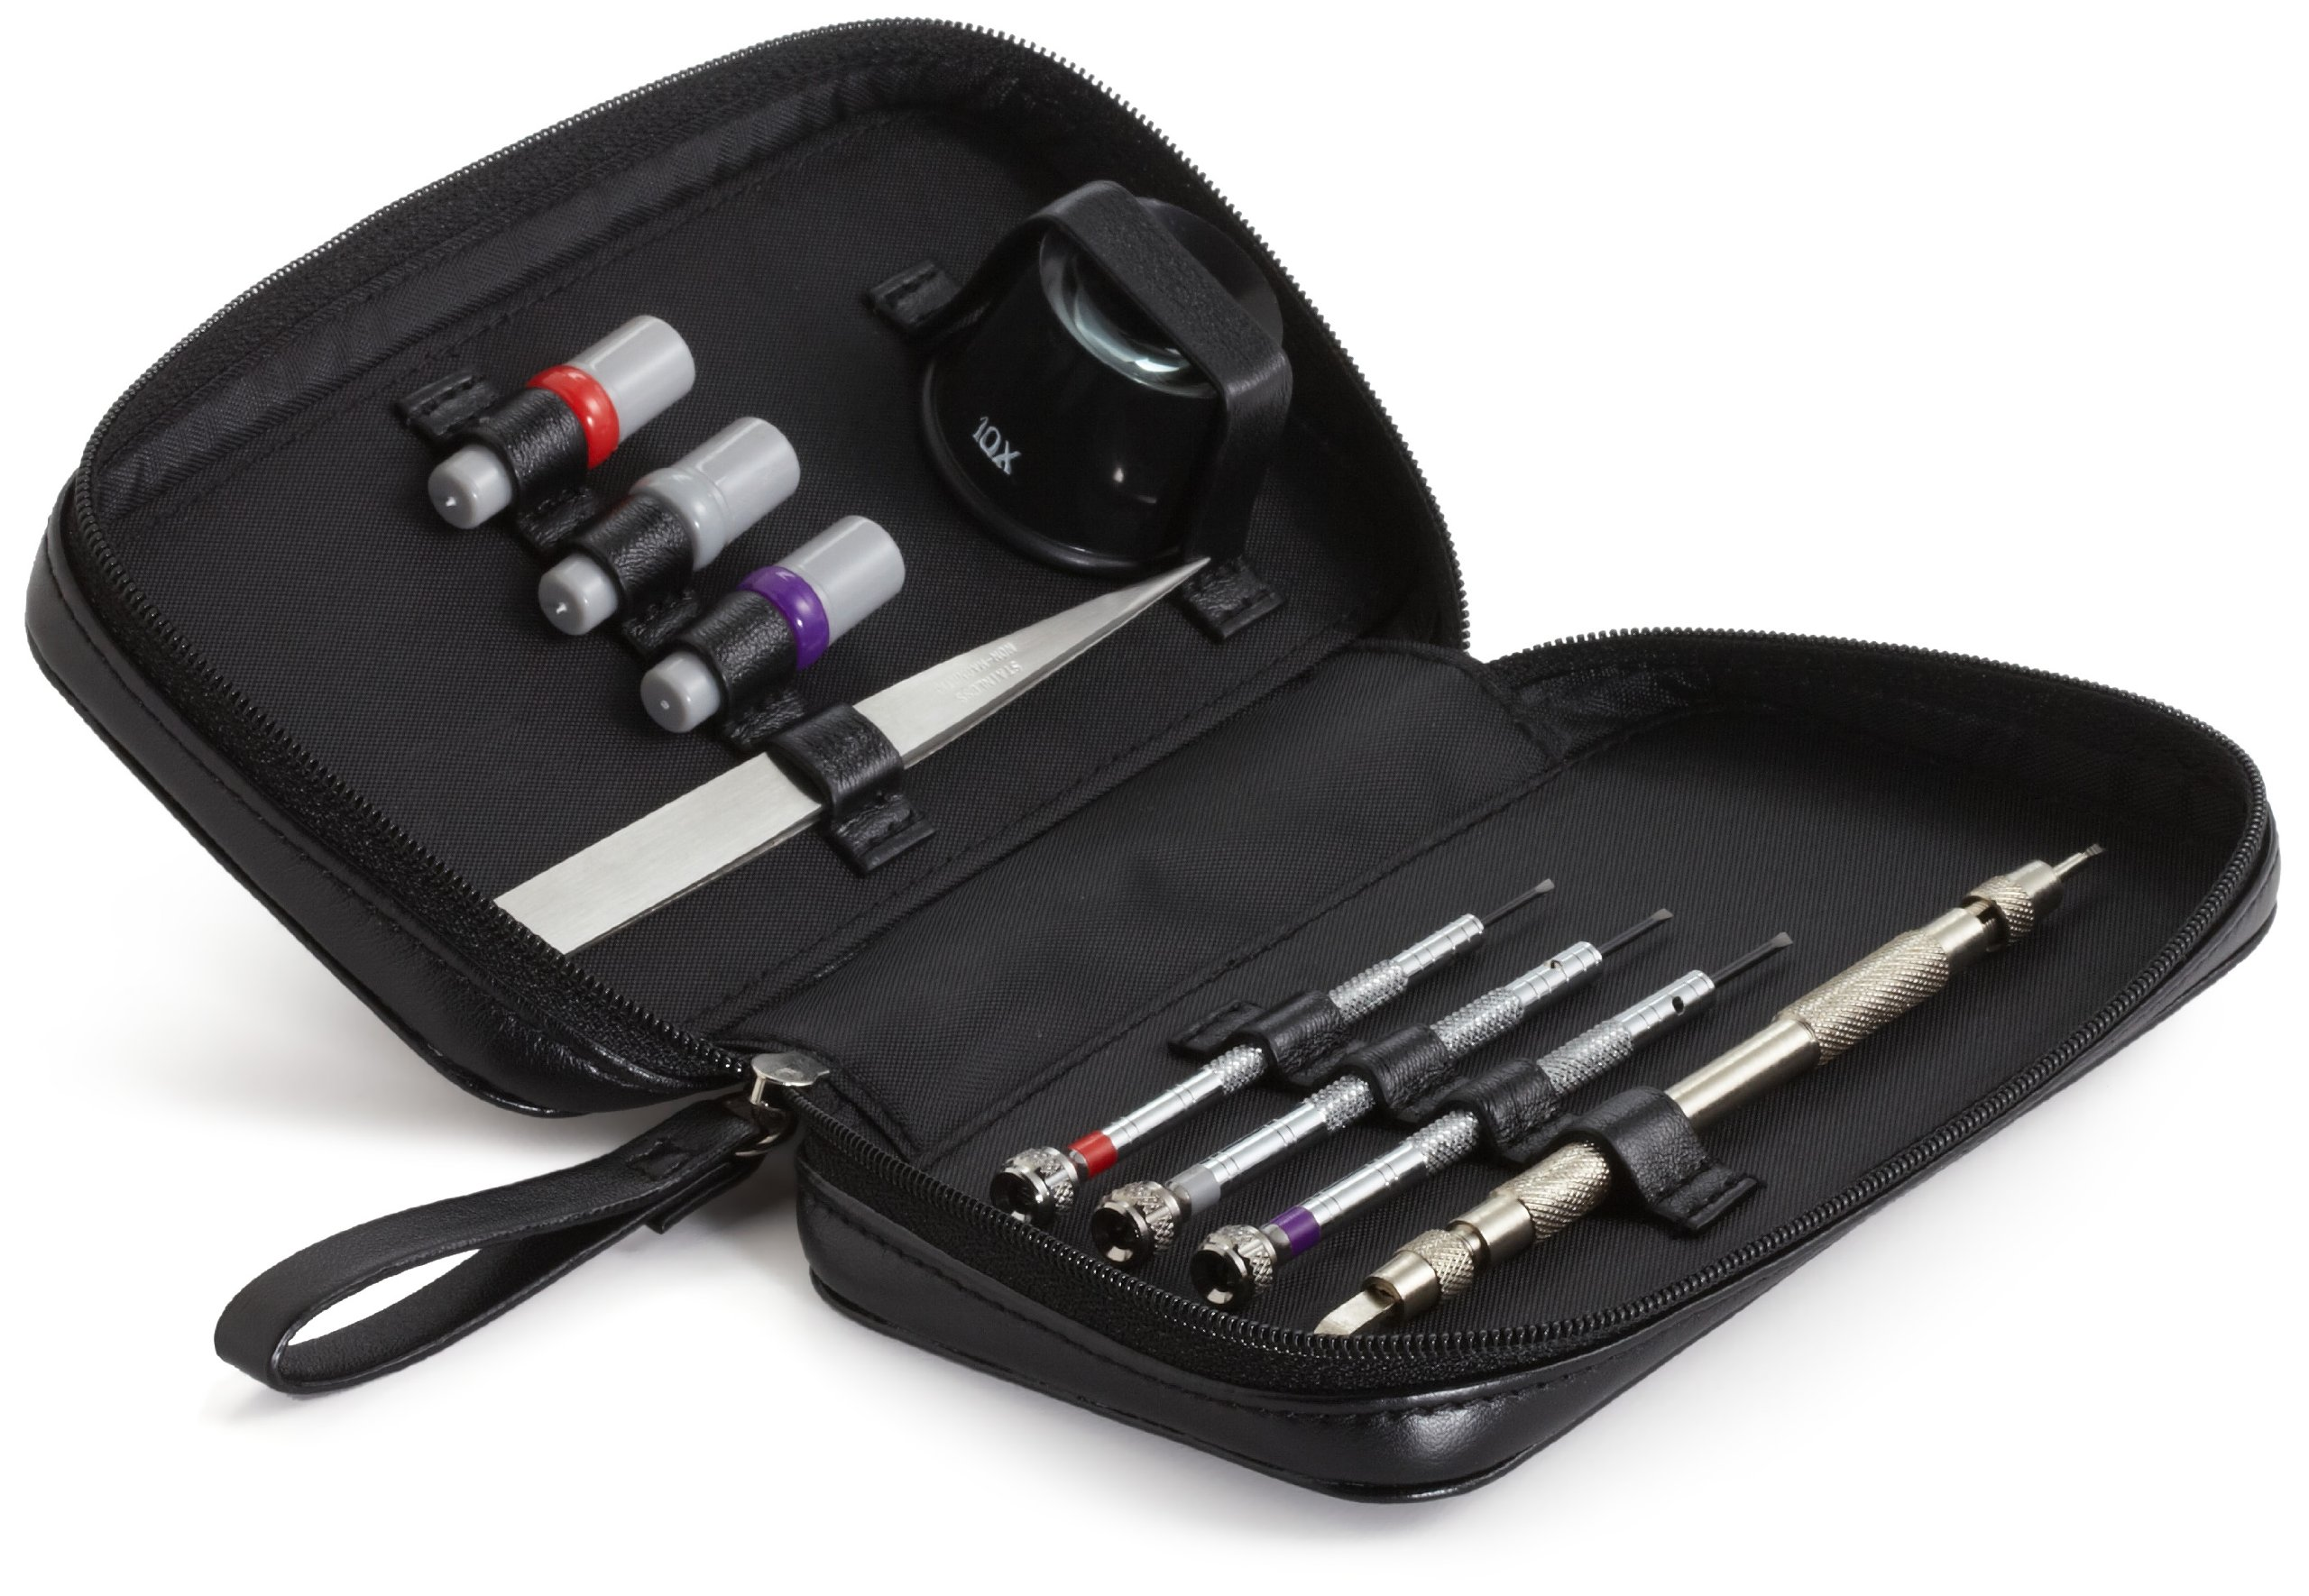 WOLF 459902 Watch Repair Tool Kit, Black